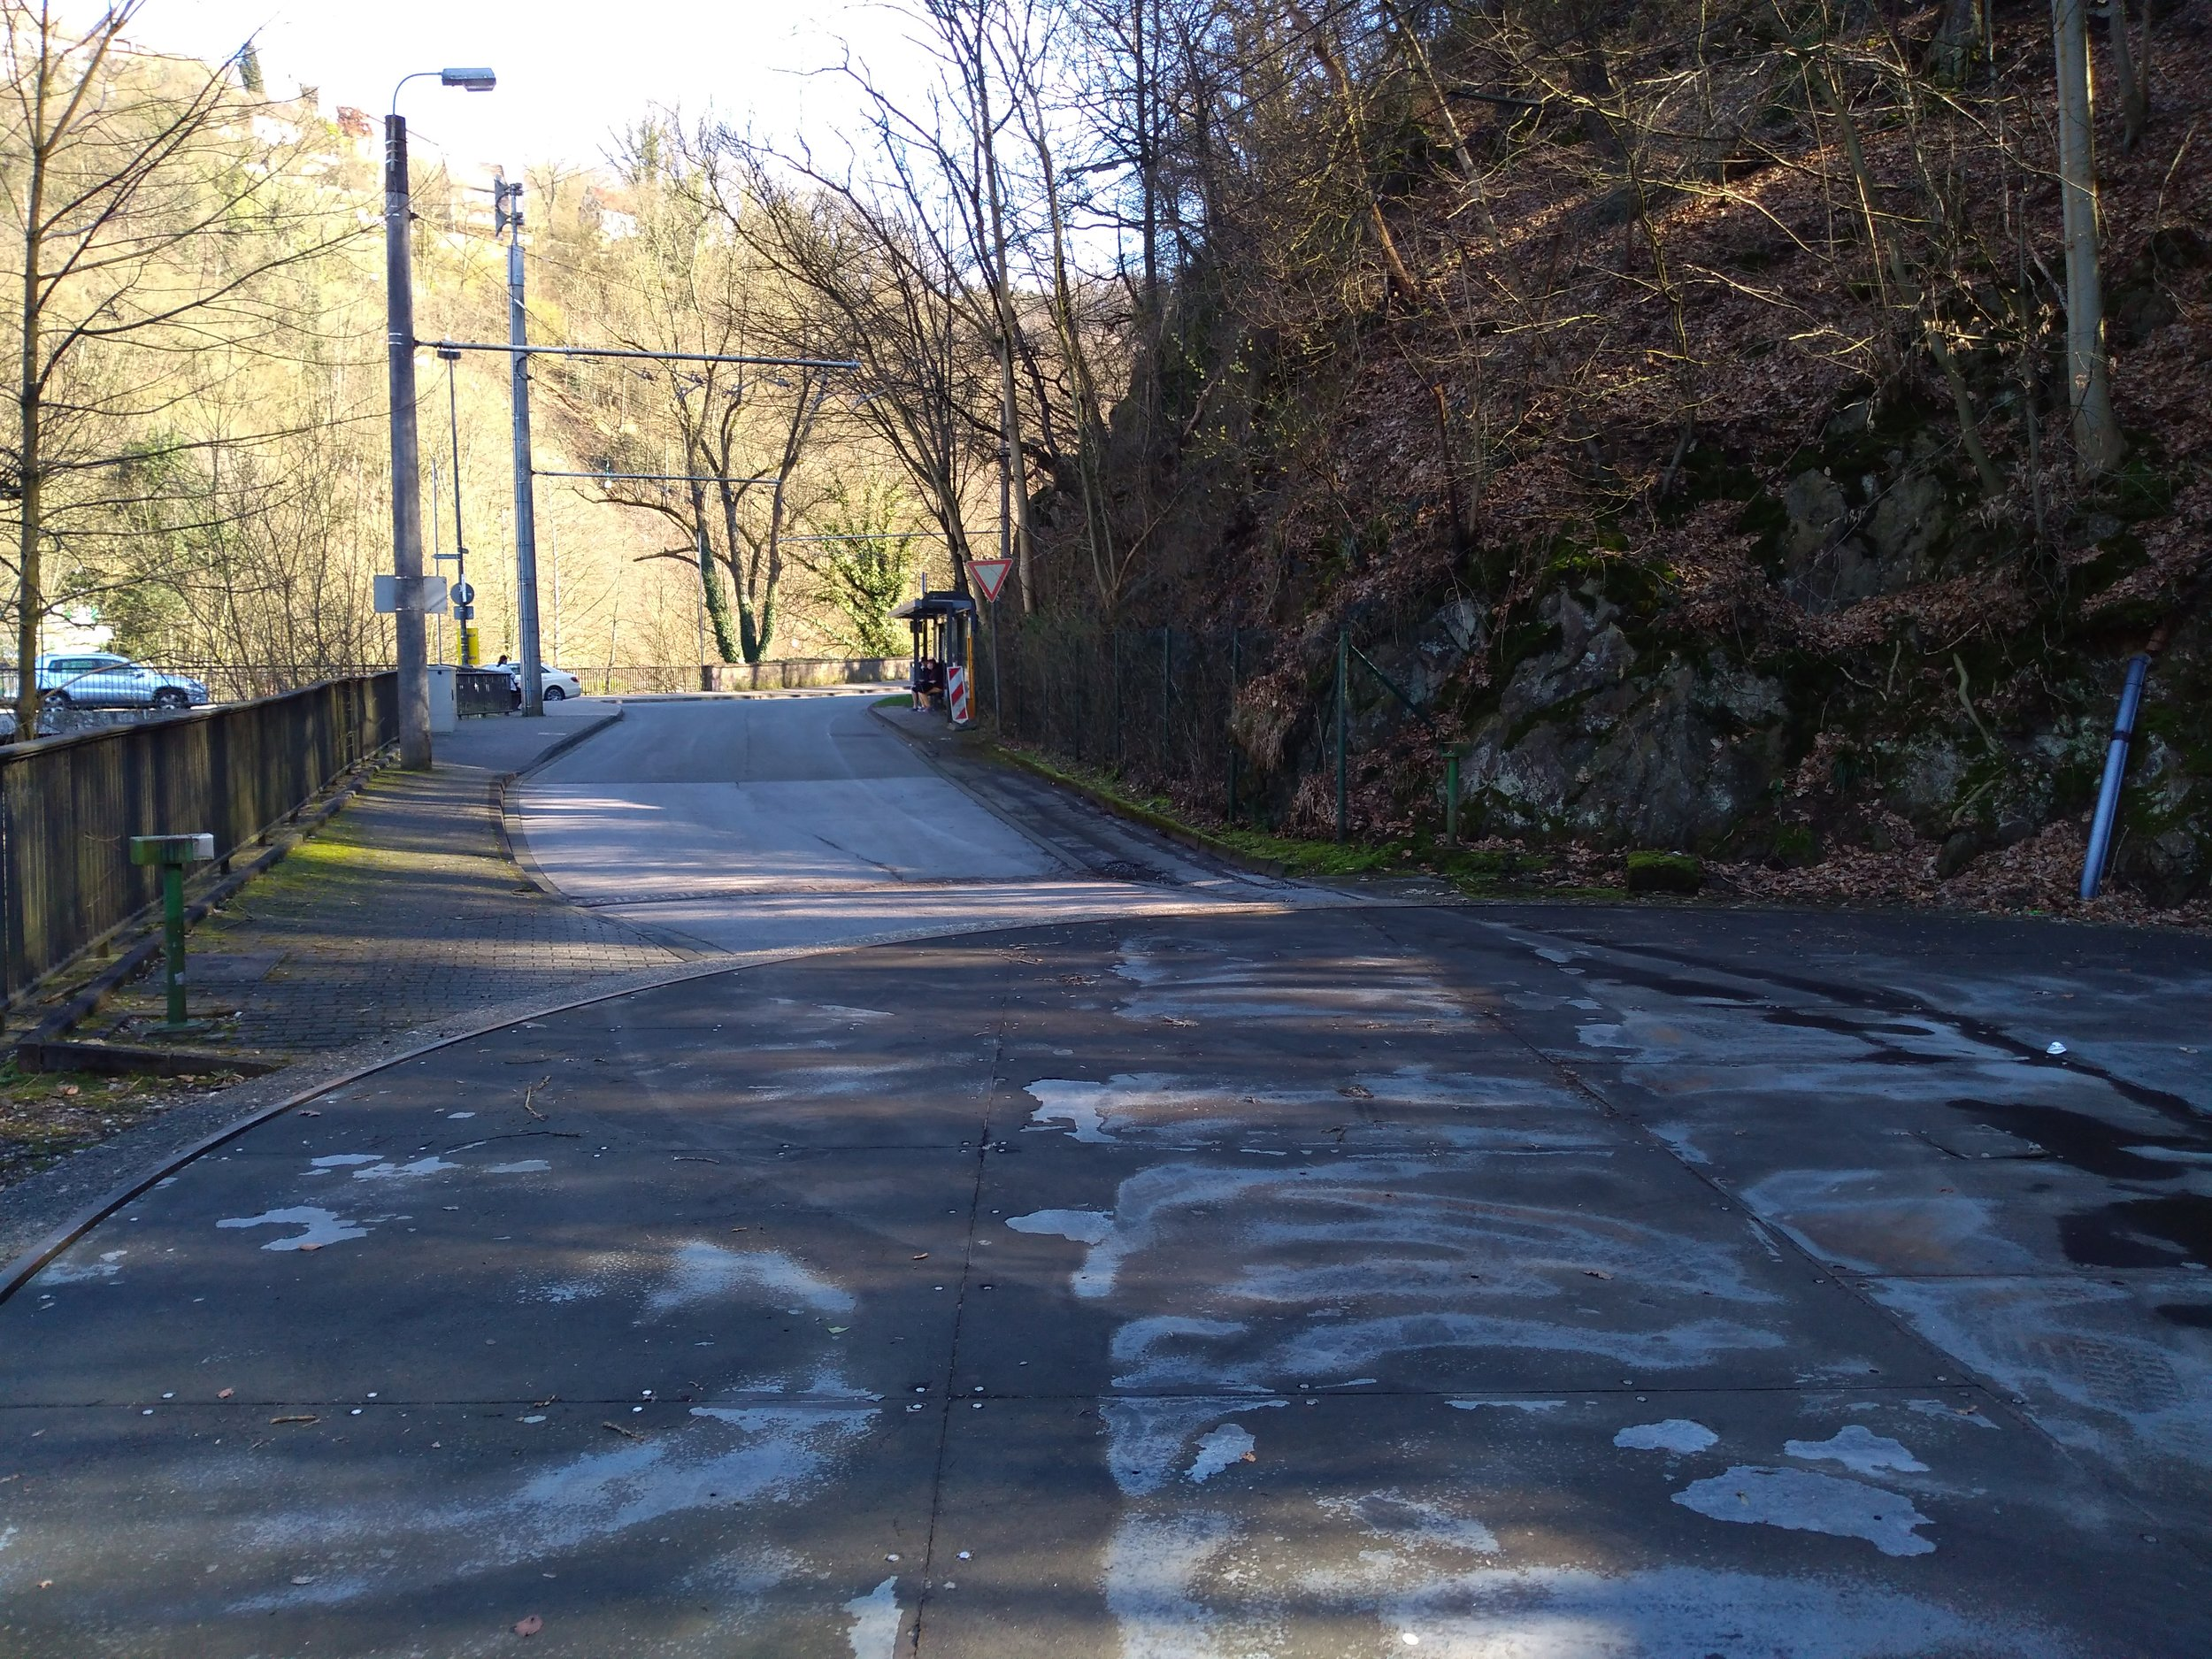 Je libo trolejbusový kolotoč? V Solingenu je možné toto přání vyplnit na stále funkční točně Unterburg ležící na katastru městské části Burg an der Wupper. Točna je už ale 10 let využívaná pouze historickými vozidly, neboť 15. listopadu 2009 došlo k prodloužení linky č. 683 za most přes řeku Wupper (na snímku vlevo, kde je šedé auto), a to s pomocí trolejbusů vybavených pomocným dieselagregátem. Protože toho dne začaly Stadtwerke Solingen nasazovat už jen kloubové trolejbusy, nemůže být smyčka pravidelně využívána. Připomeňme, že většina posledních solingenských sólo vozů byla typu MAN SL 172 HO a skončila v ukrajinském  Mariupolu . (foto: Vít Hinčica)